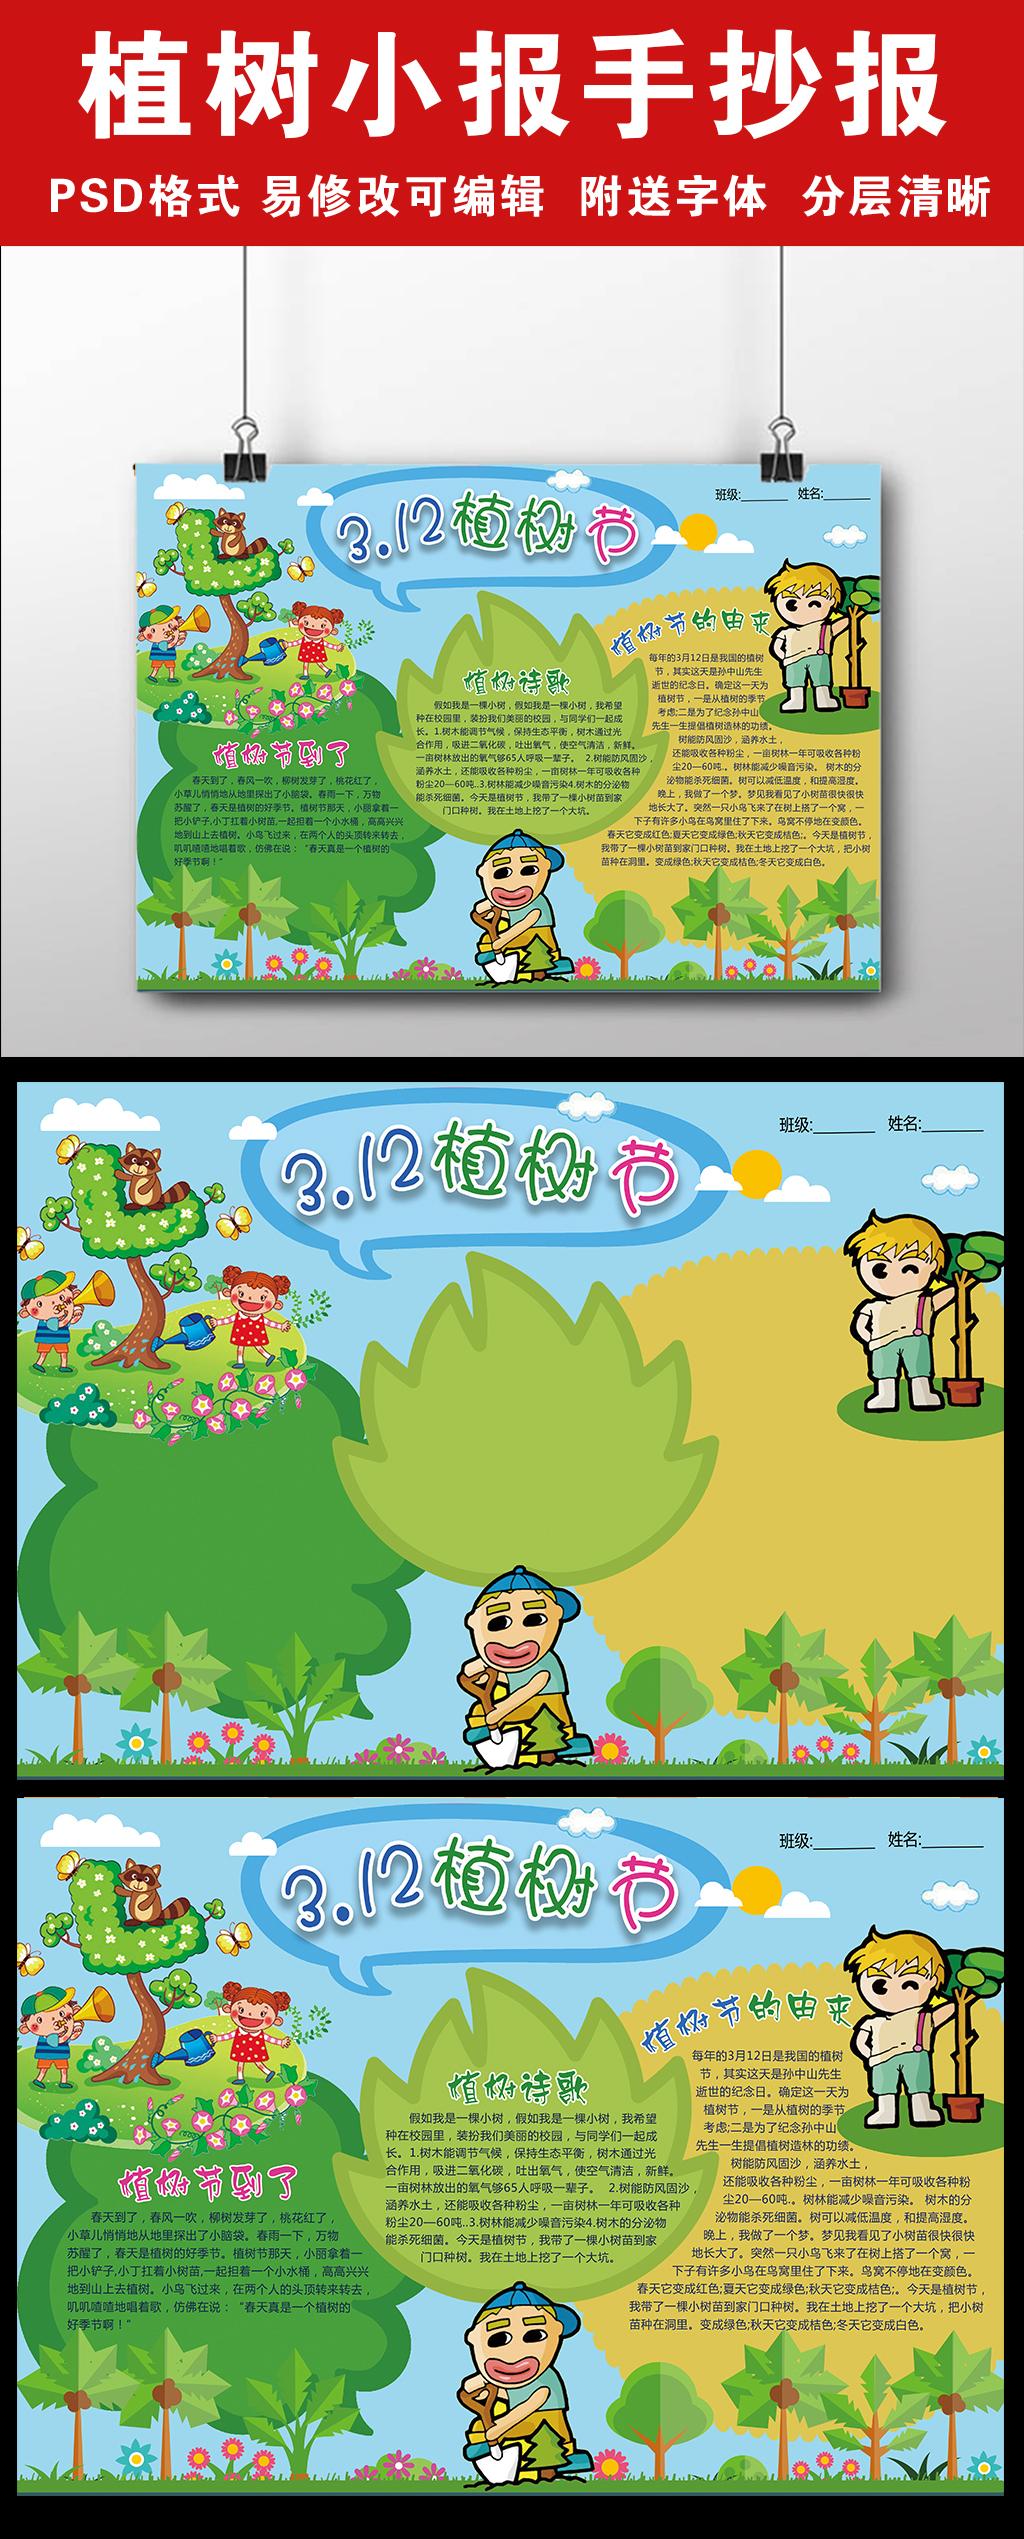 手抄报|小报 节日手抄报 植树节手抄报 > 春天植树节小报环保绿色手